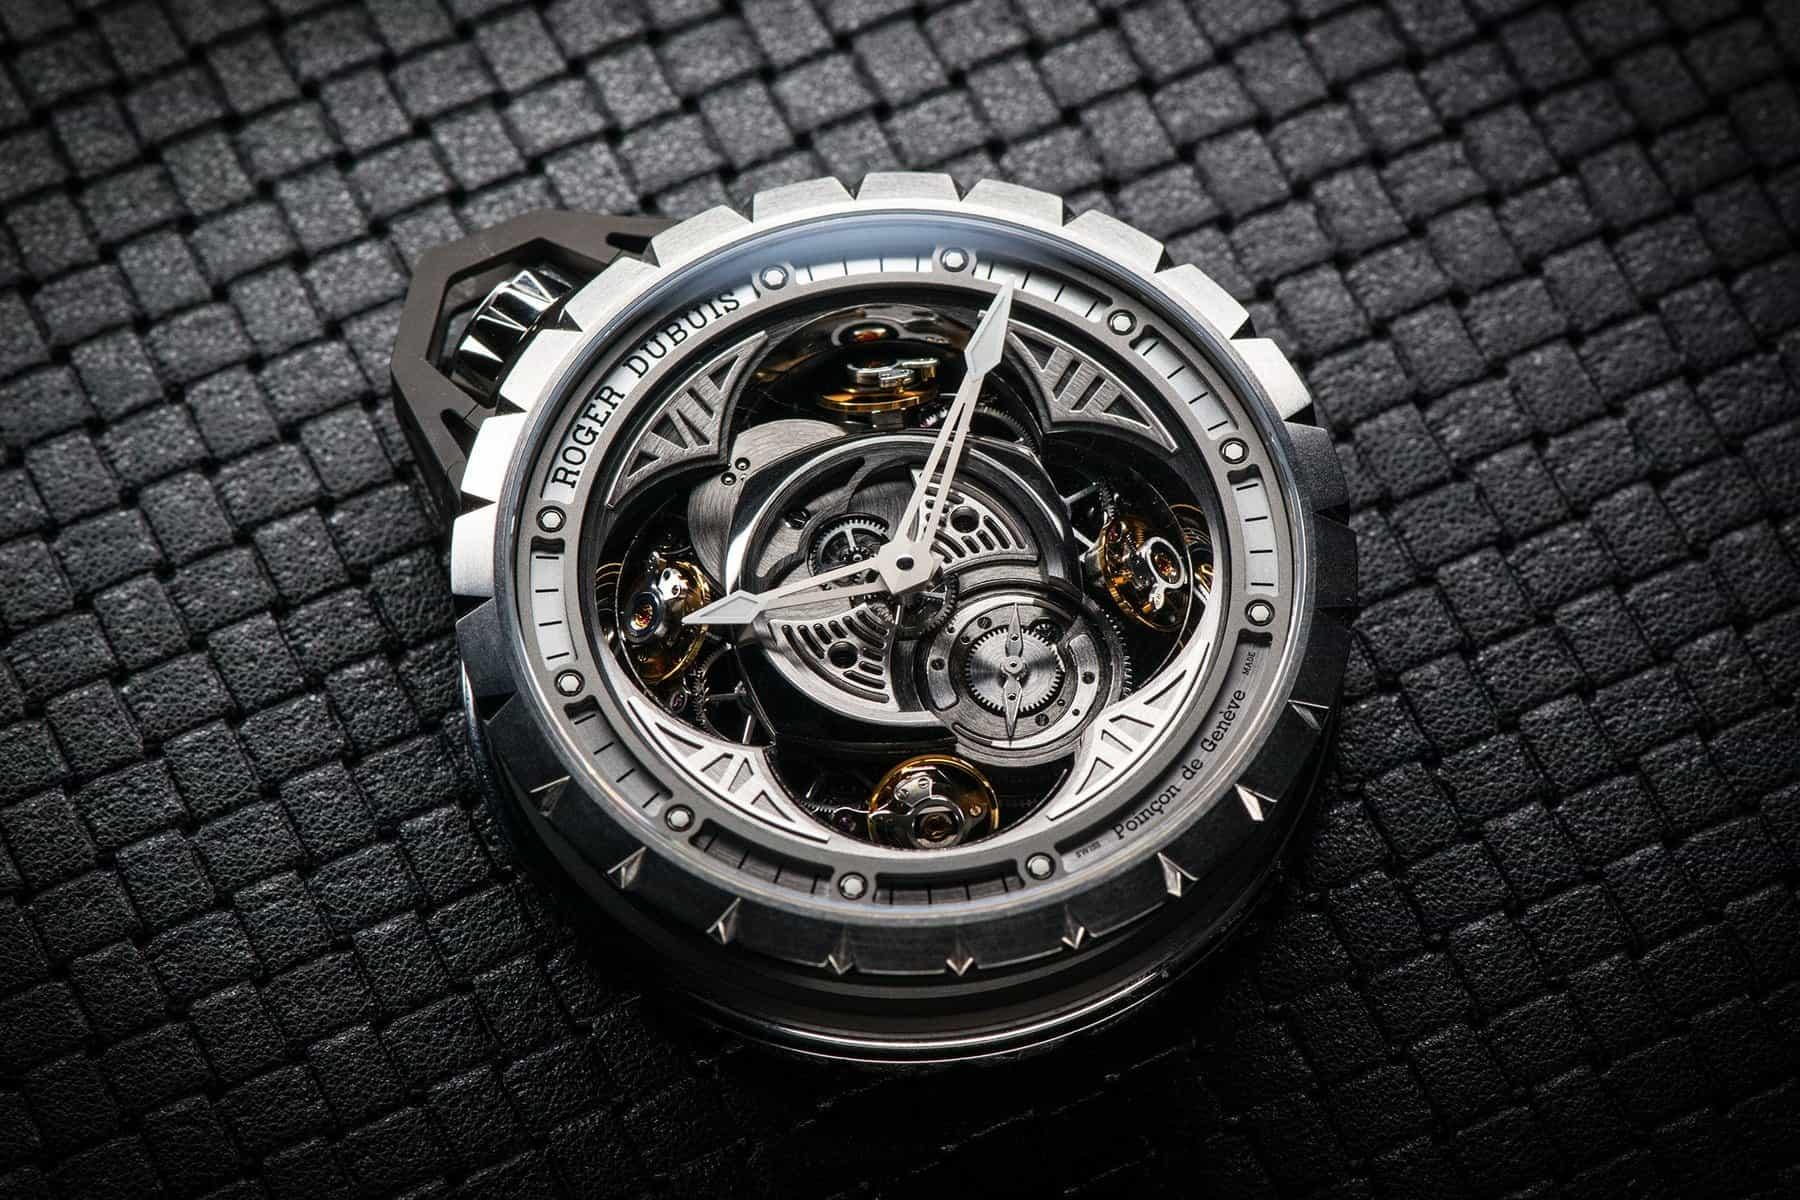 Roger Dubuis Excalibur Spider Pocket Time Instrument